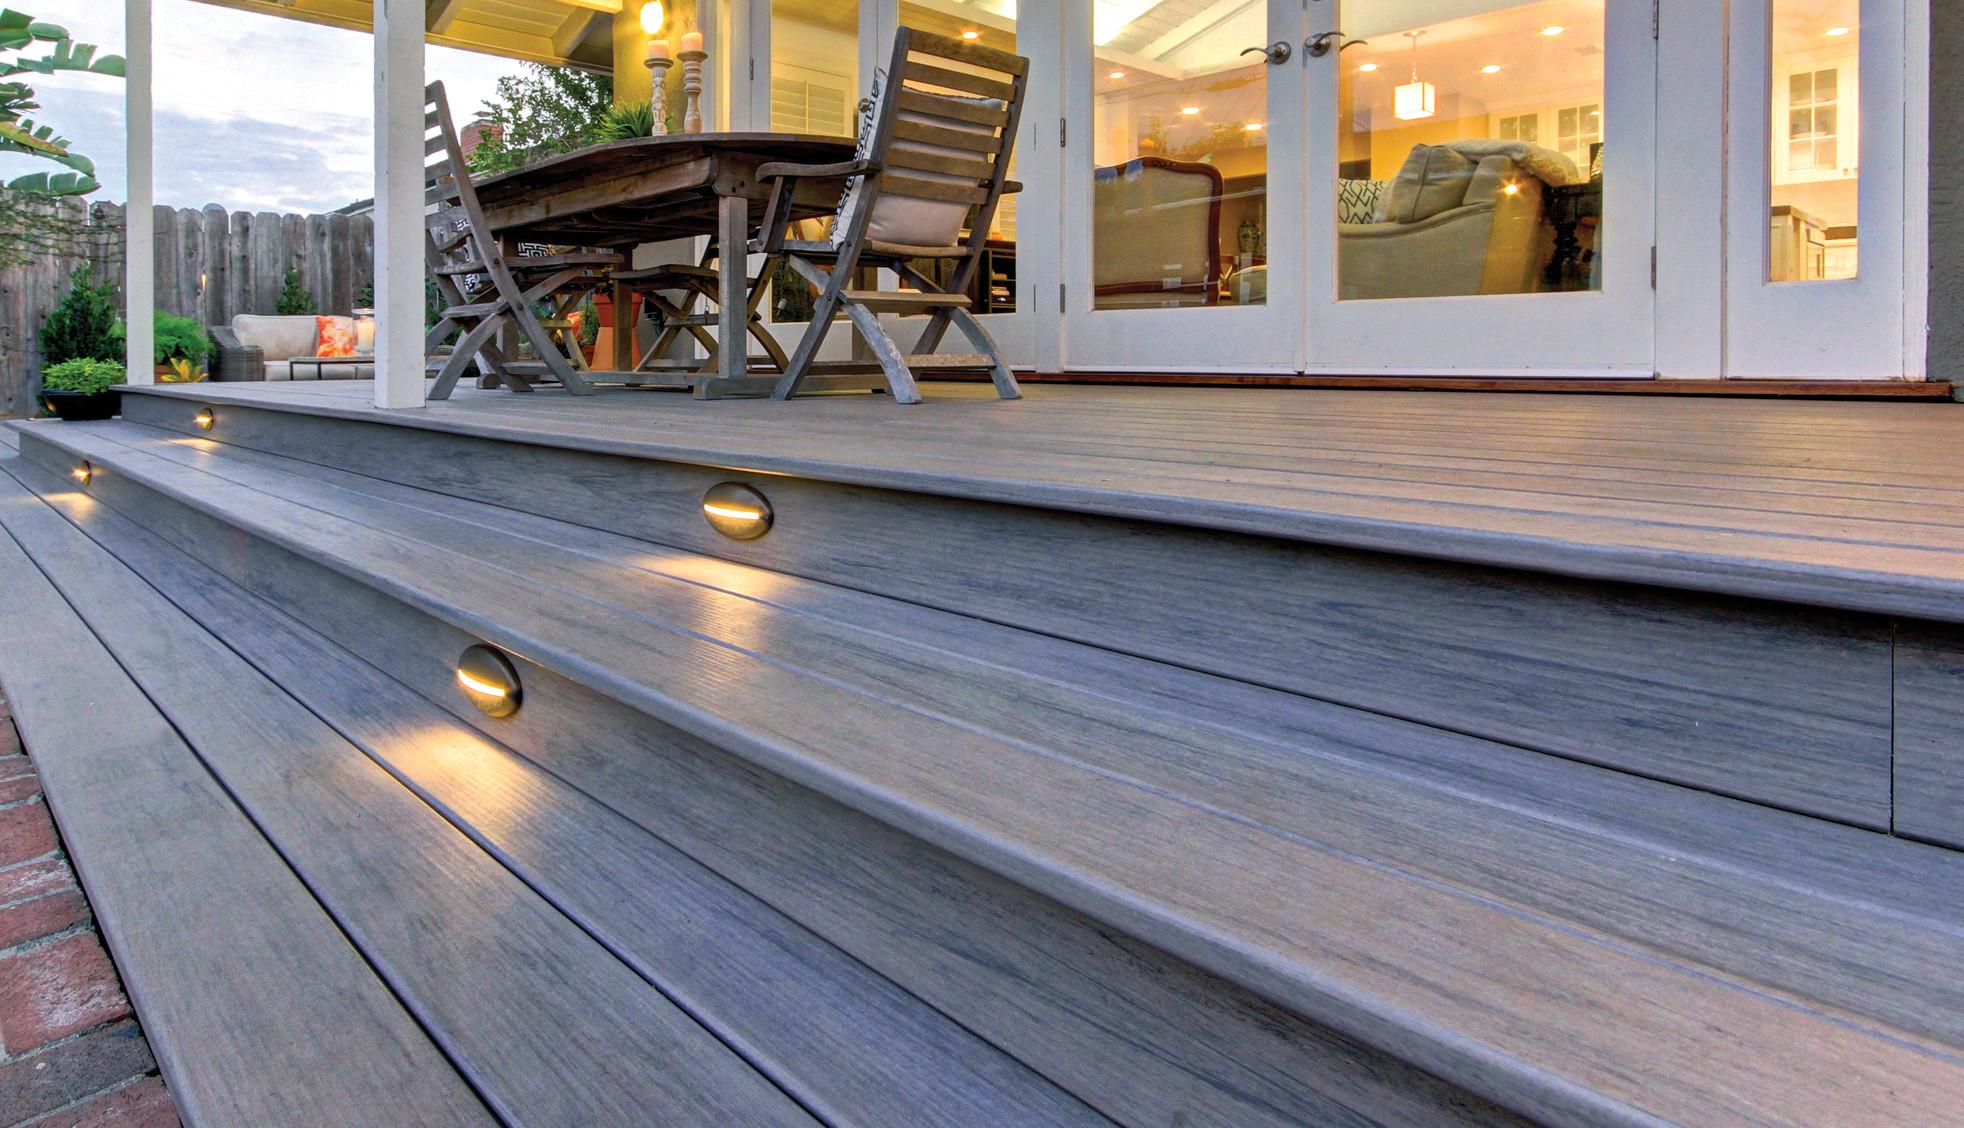 TimberTech Deck Riser Lights - View 1